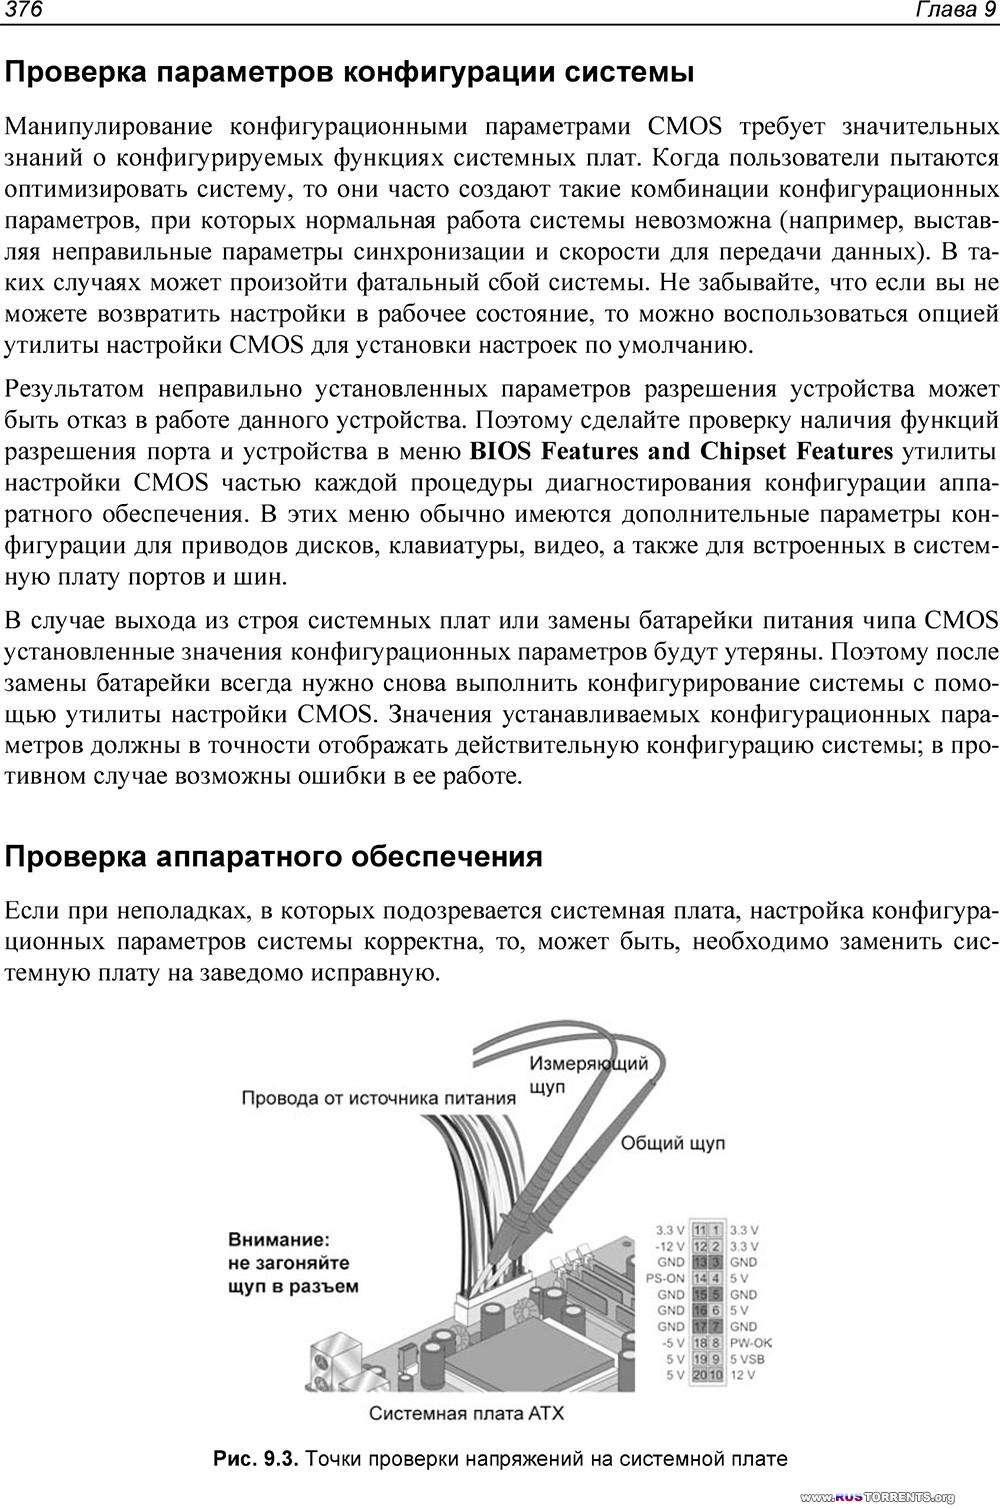 CompTIA A+. ���������, ���������, ������������ � ������ �� | PDF